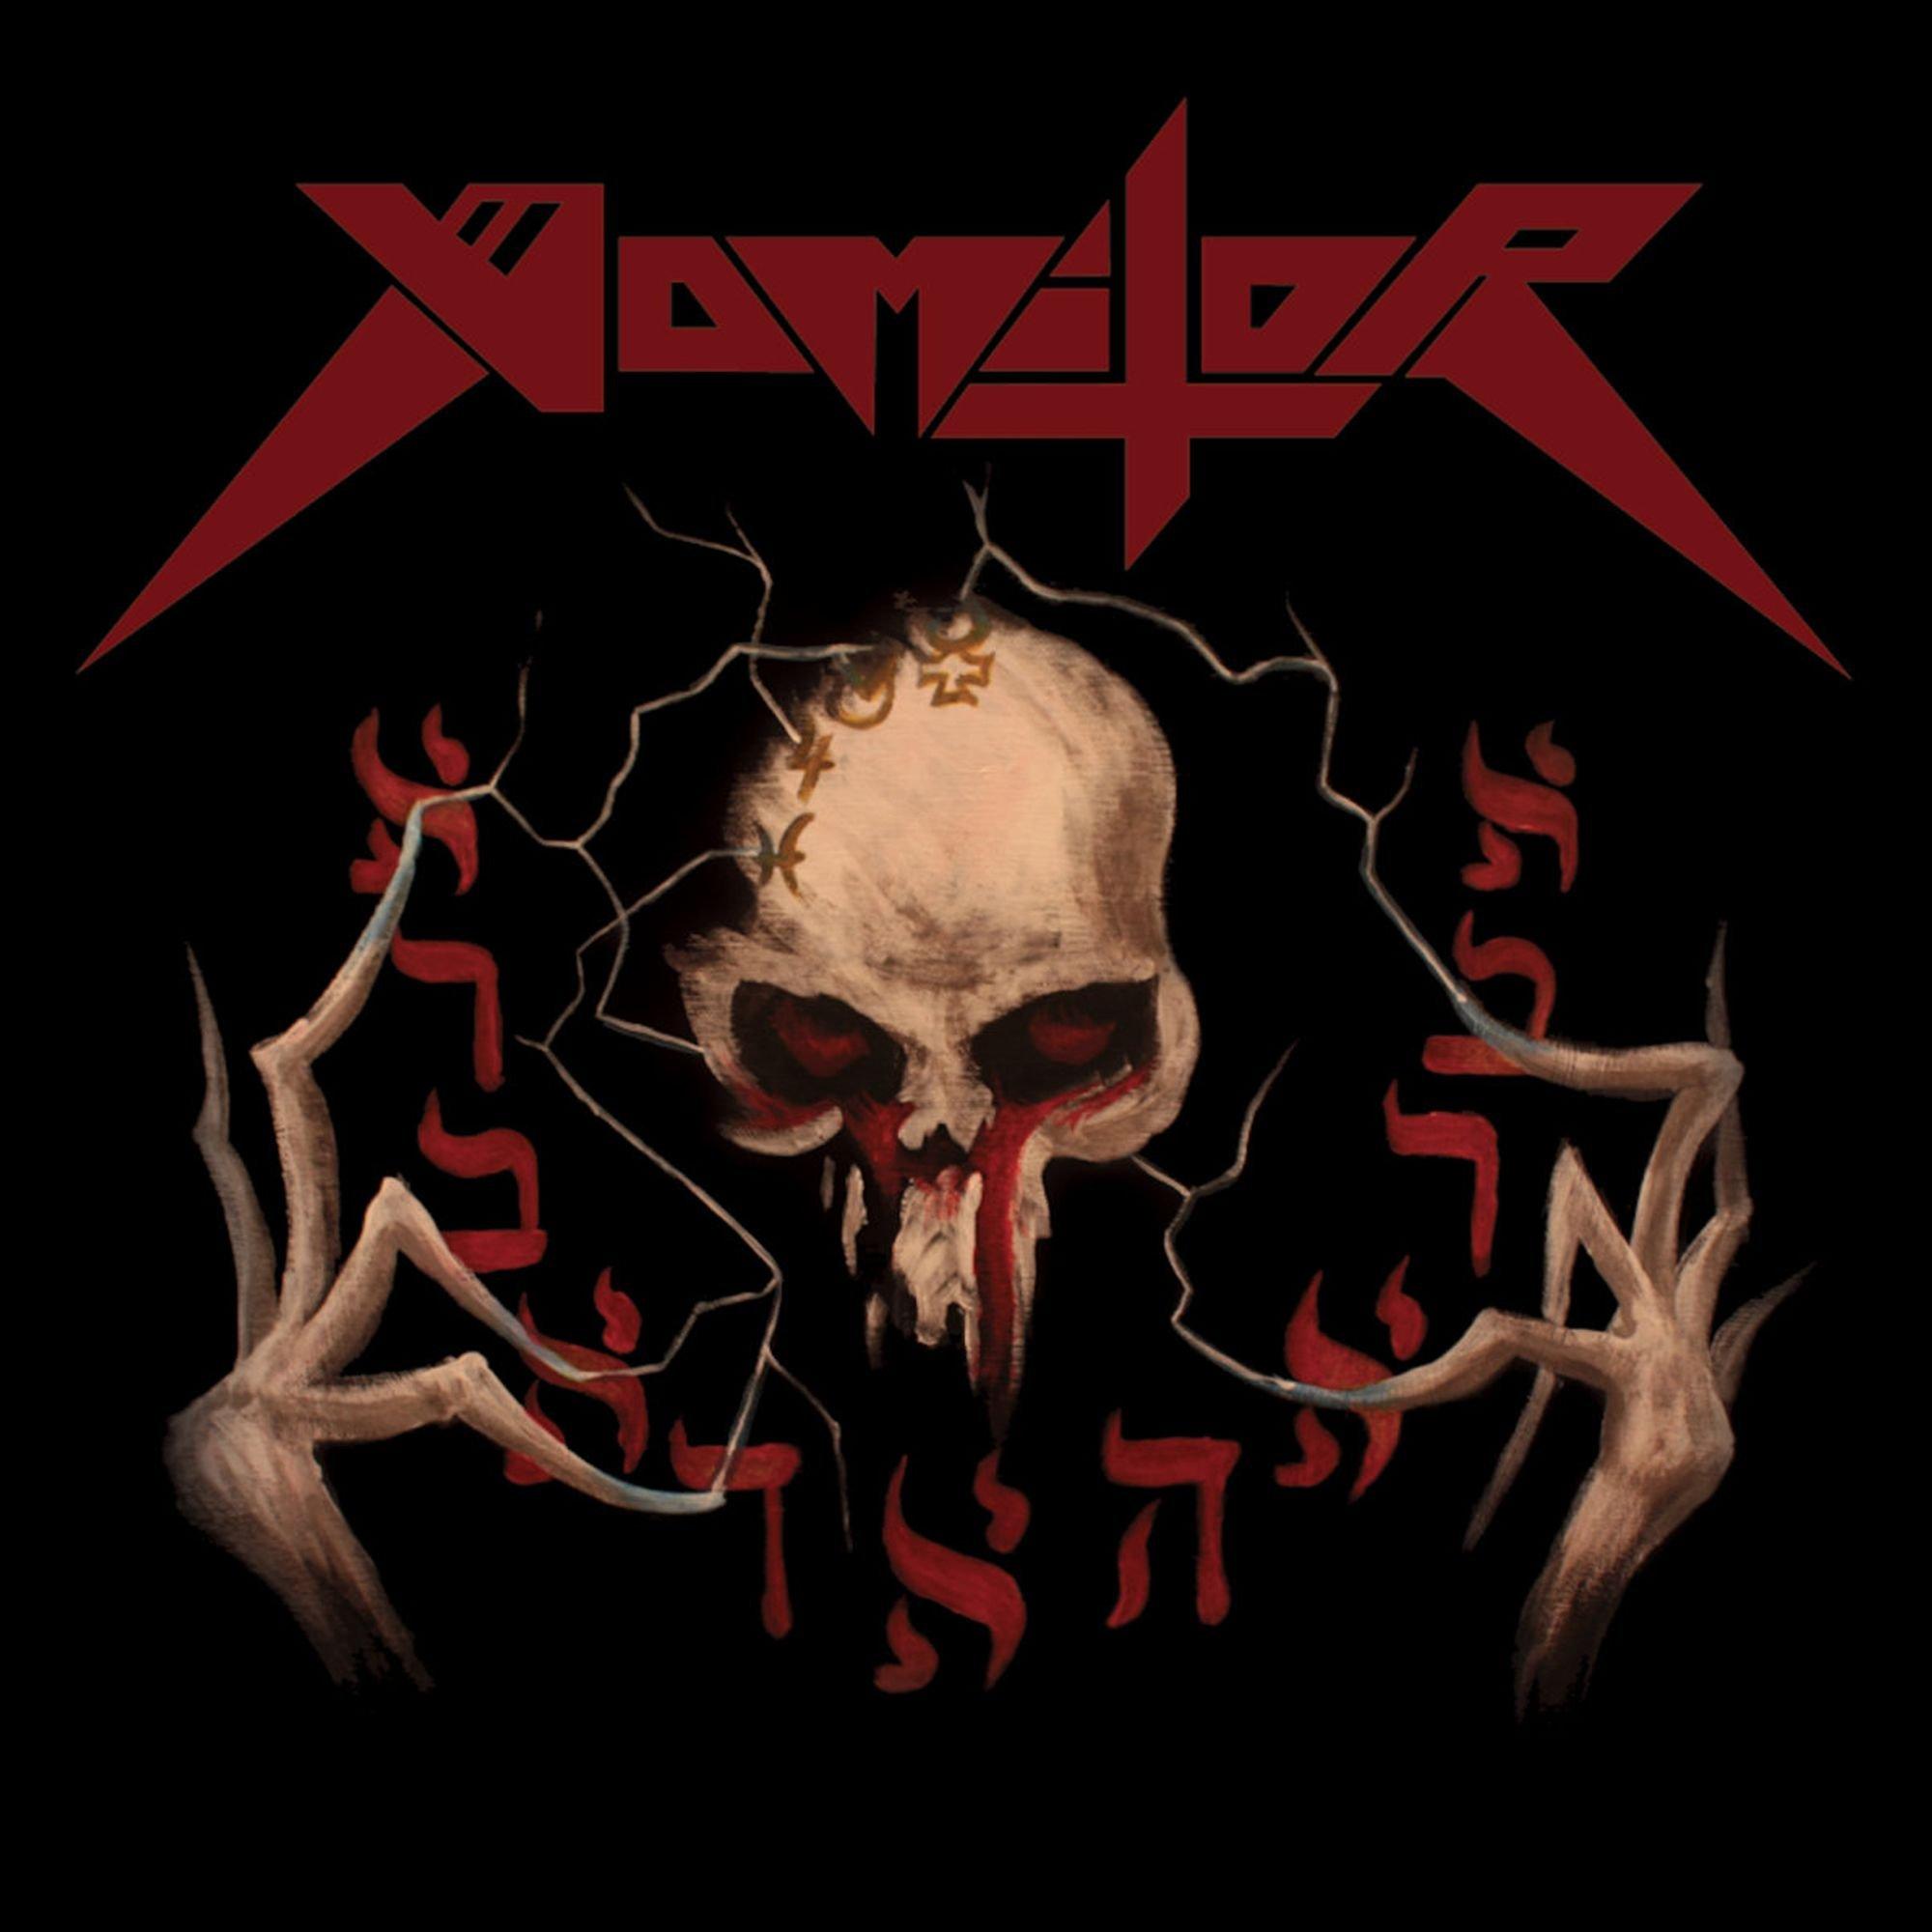 Vinilo : Vomitor - Pestilent Death (LP Vinyl)